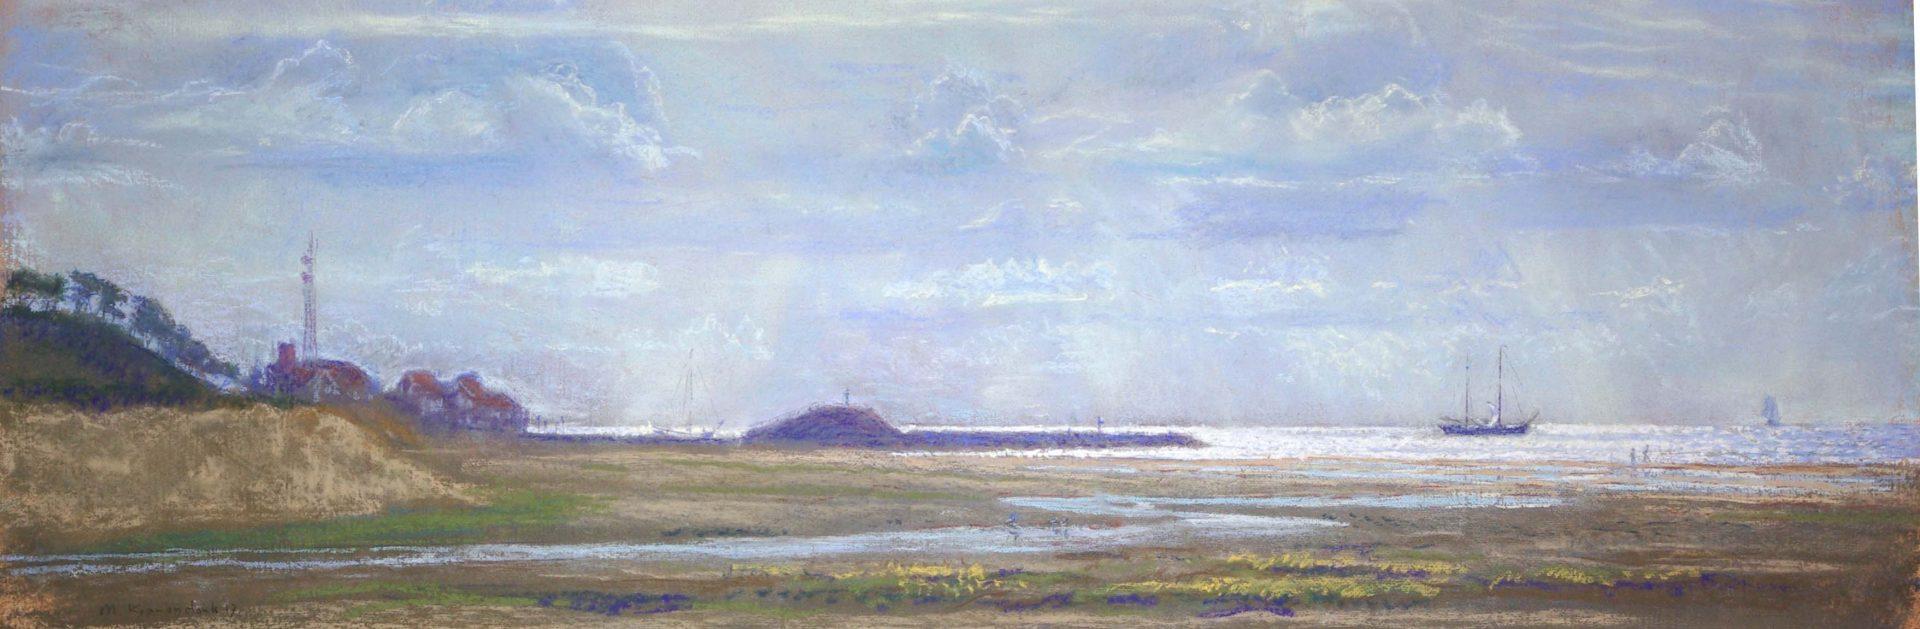 schilderij van Terschelling haven, uitvarende schepen.Voorgrond Groene strand, realistisch, Dutch master painter modern